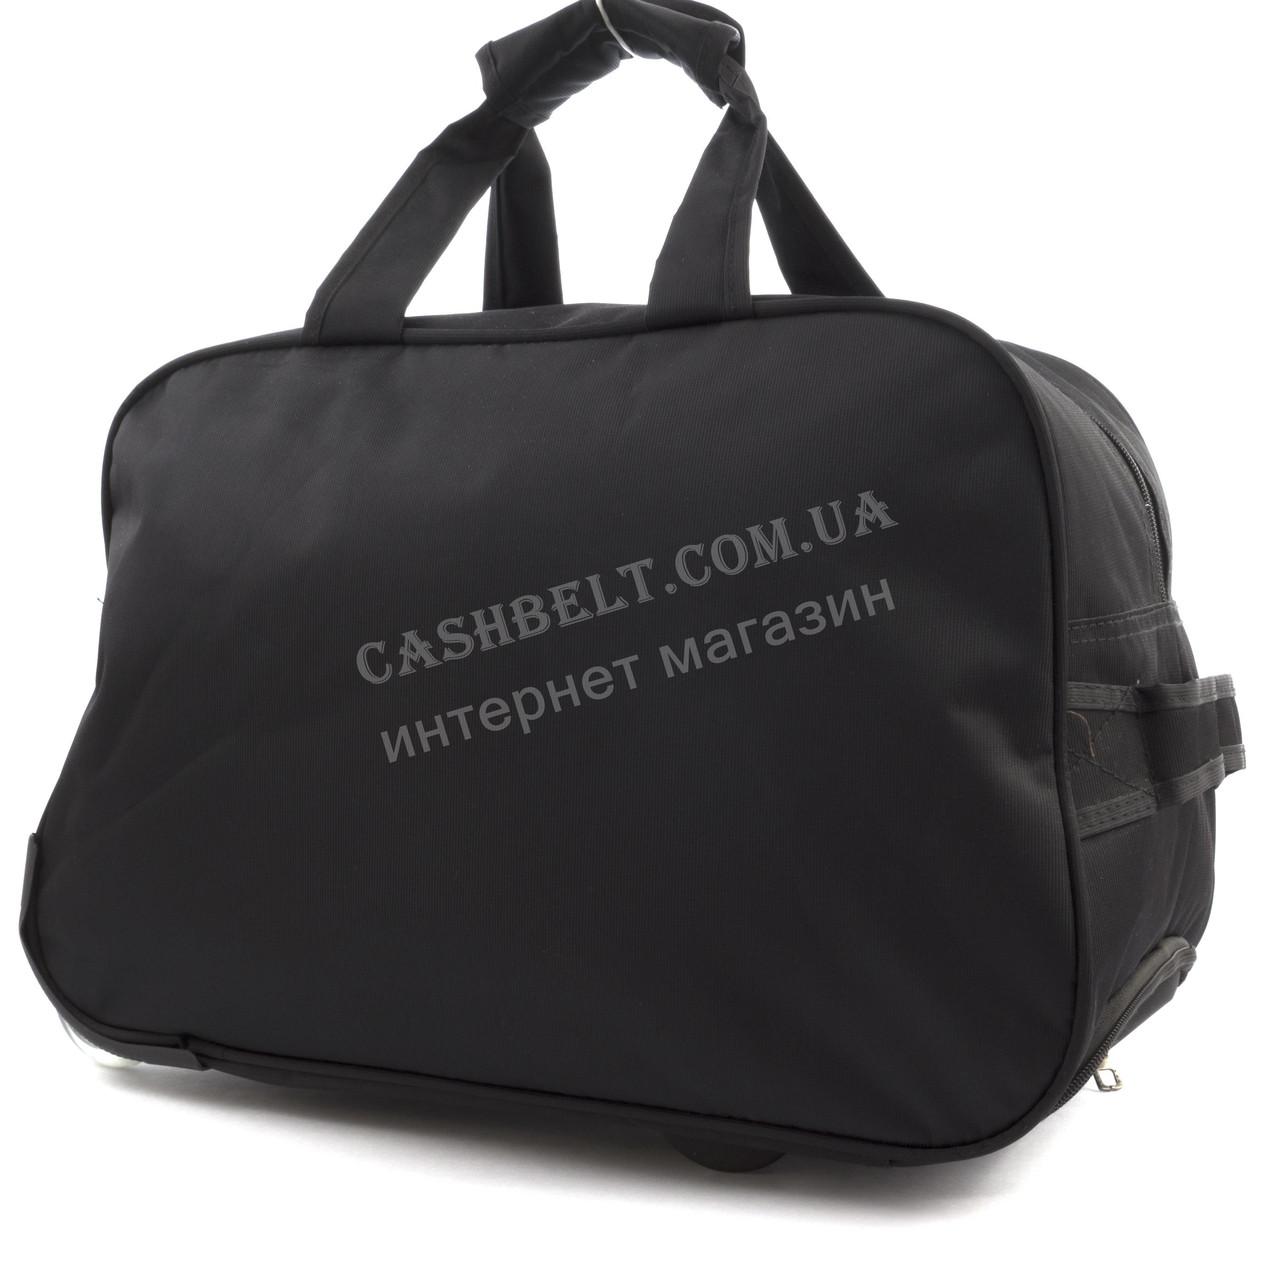 dcecef27203c №3 черная Стильная прочная дорожная сумка саквояж на колесиках с плотной  ткани SANSIDA art.